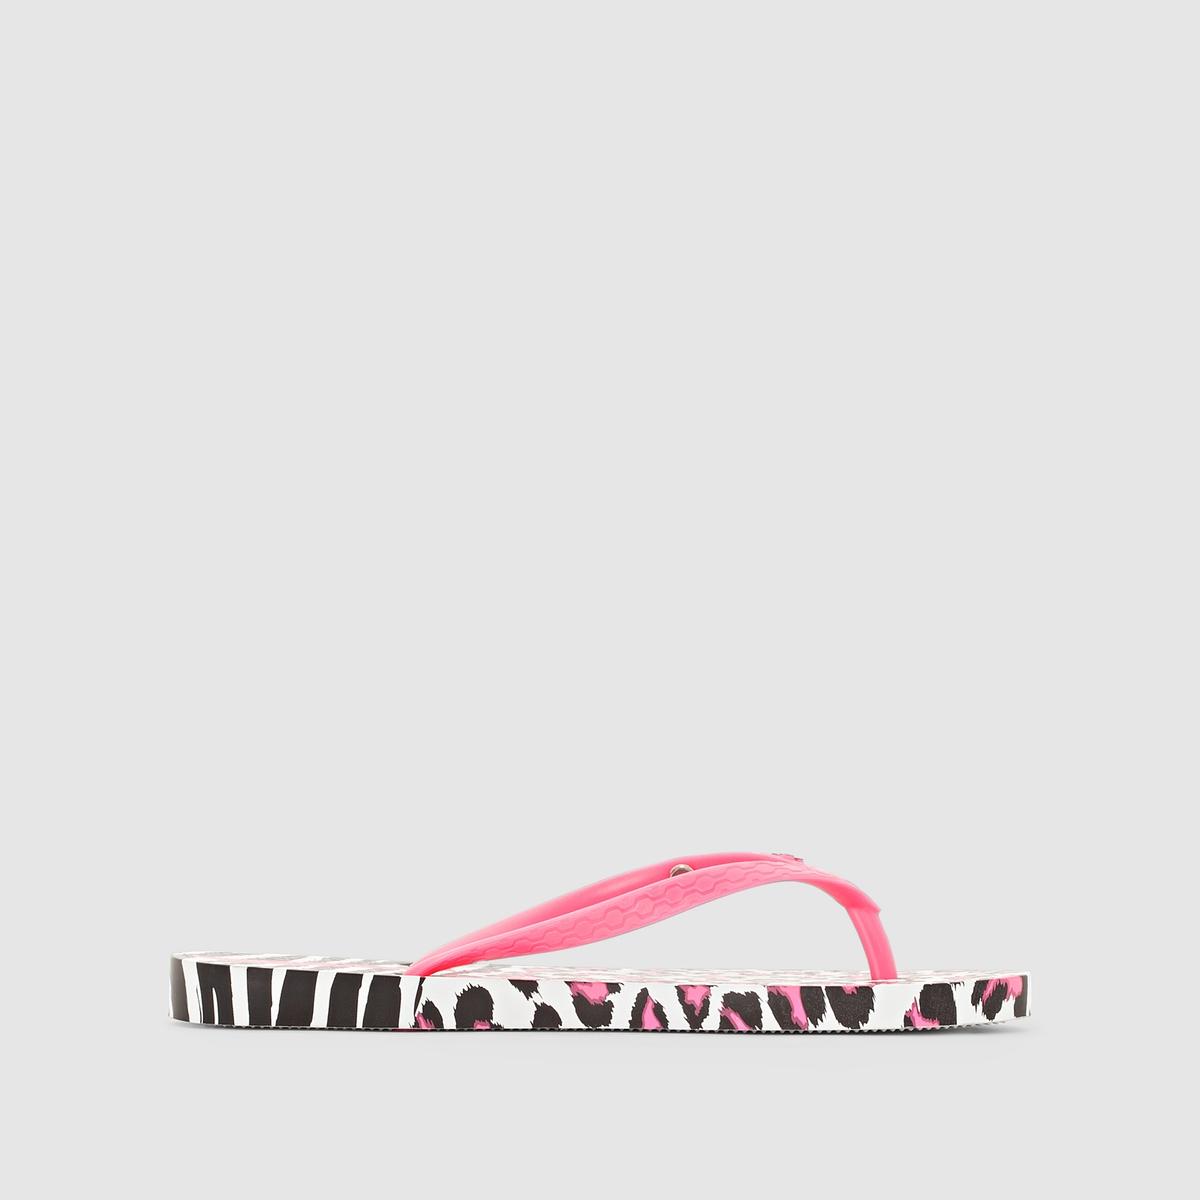 Вьетнамки Animal Print II FemВерх/Голенище : каучук   Стелька : каучук   Подошва : каучук   Форма каблука : плоский каблук   Мысок : открытый мысок   Застежка : без застежки<br><br>Цвет: рисунок леопард/розовый<br>Размер: 38